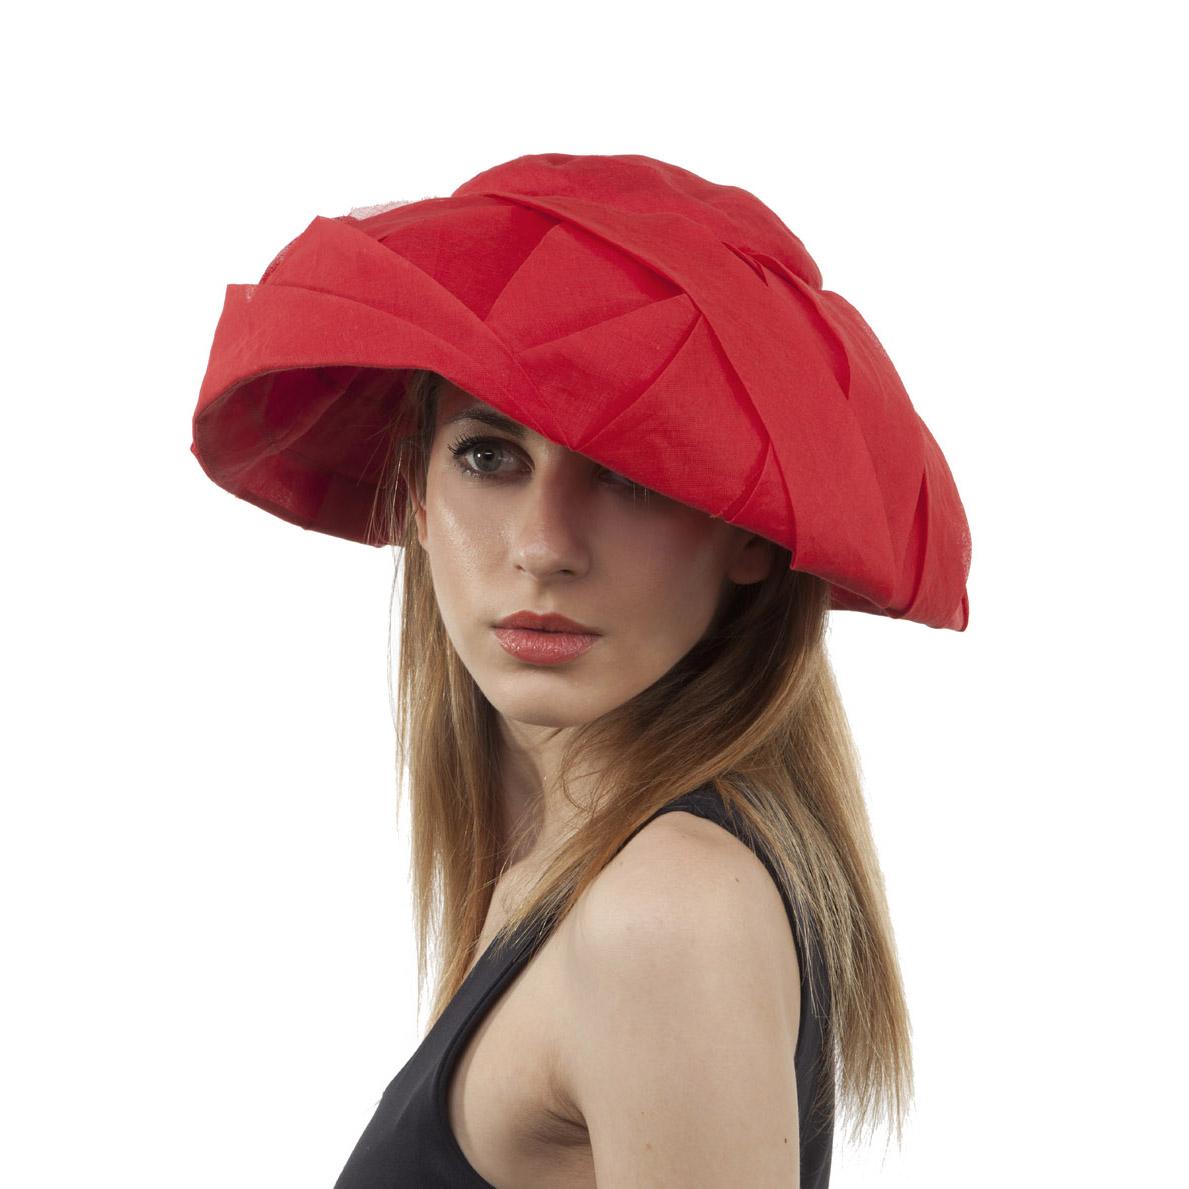 'Audrey' sun hat in red cotton organdie